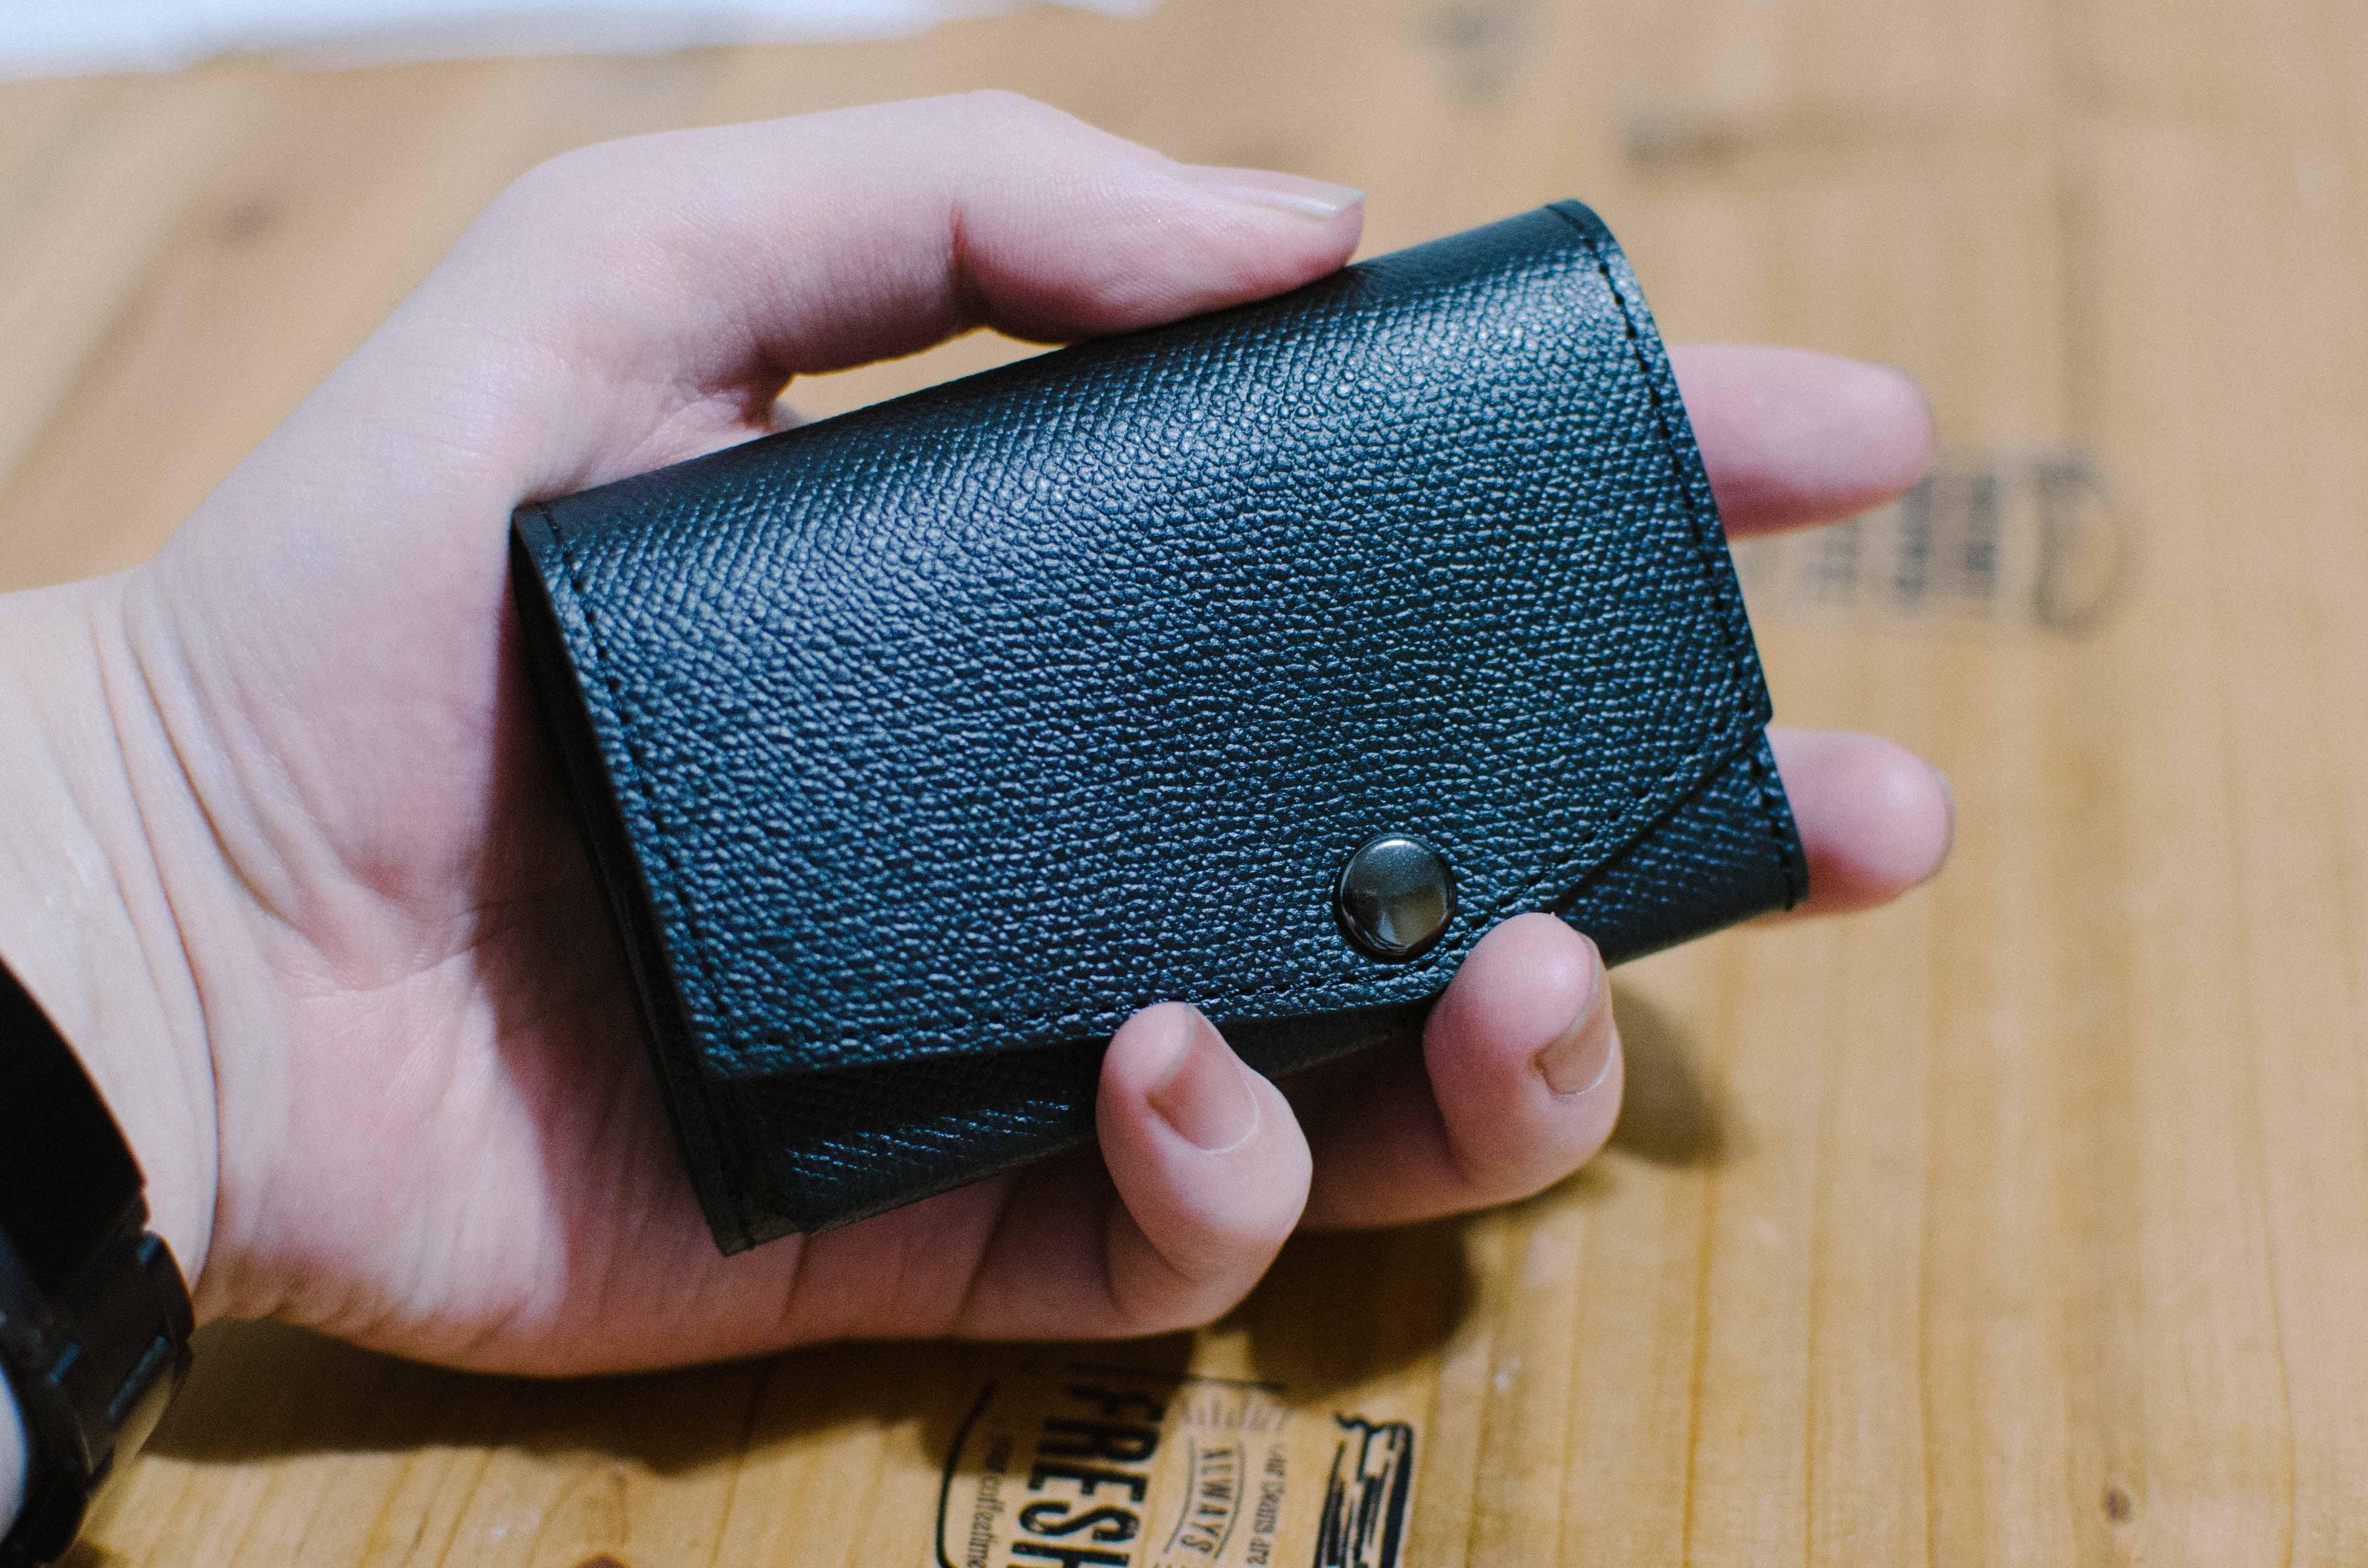 アブラサス小さい財布と手